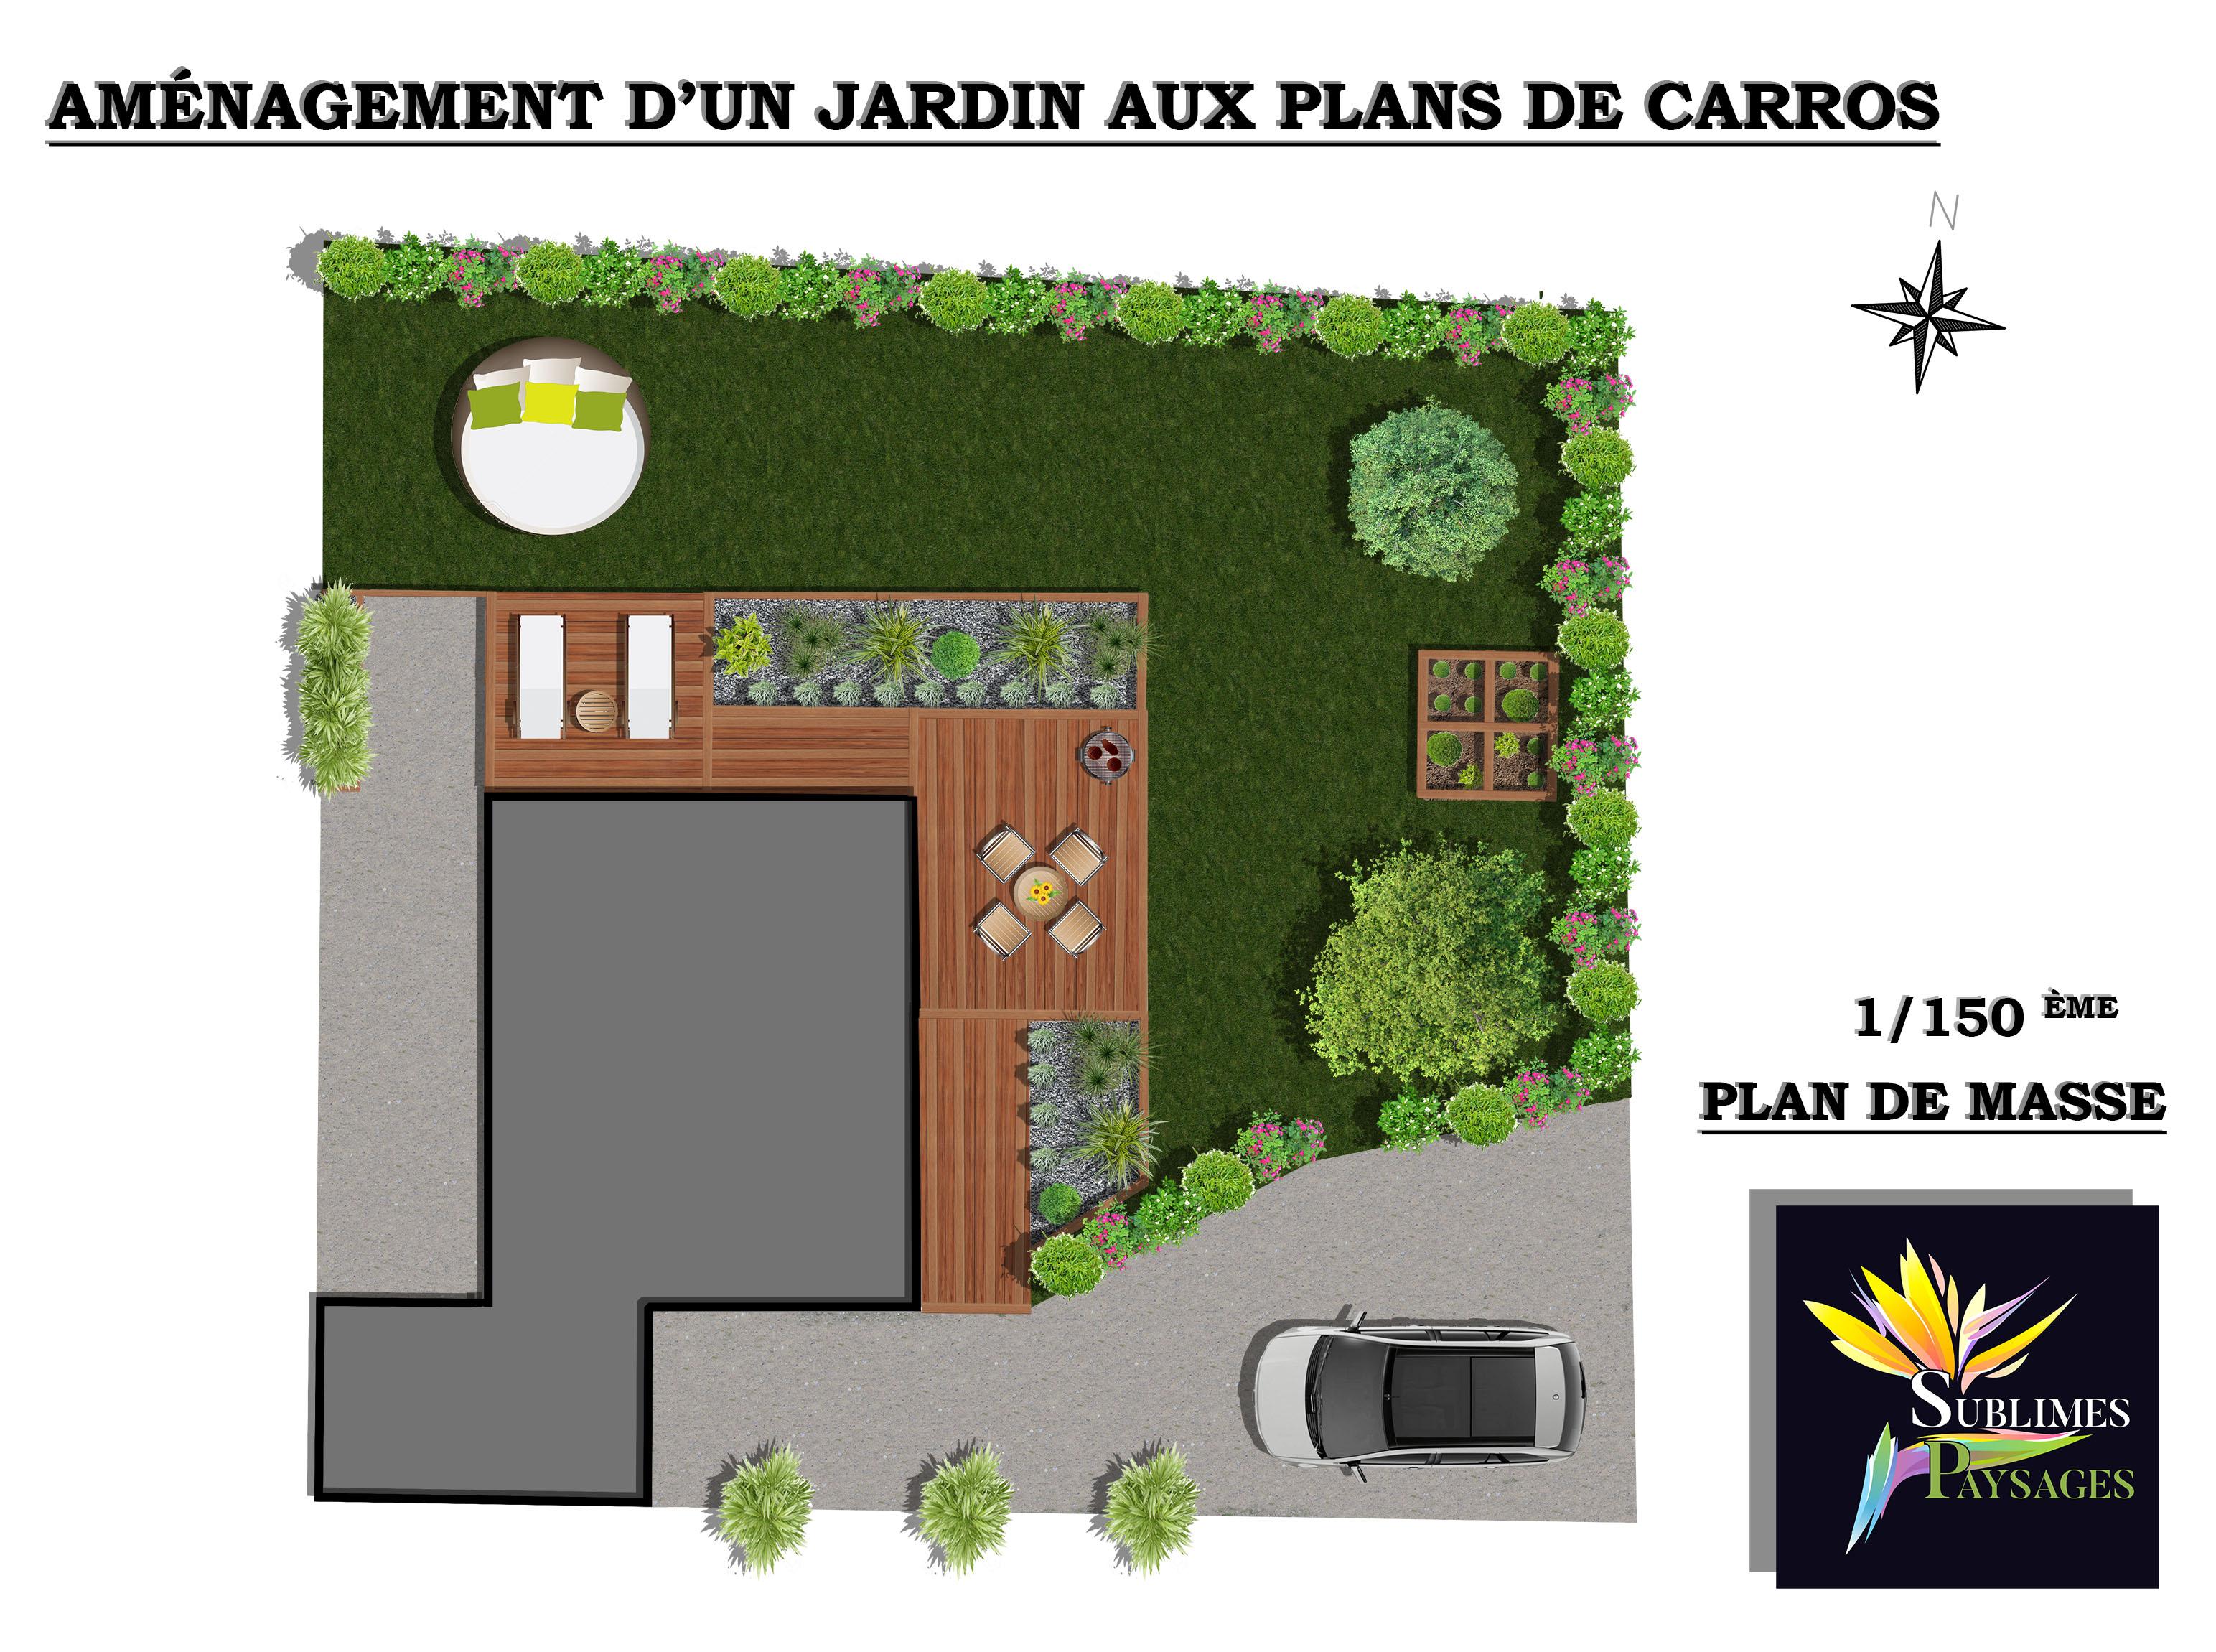 Aménagement d'un jardin méditerranéen aux plans de Carros (06510)